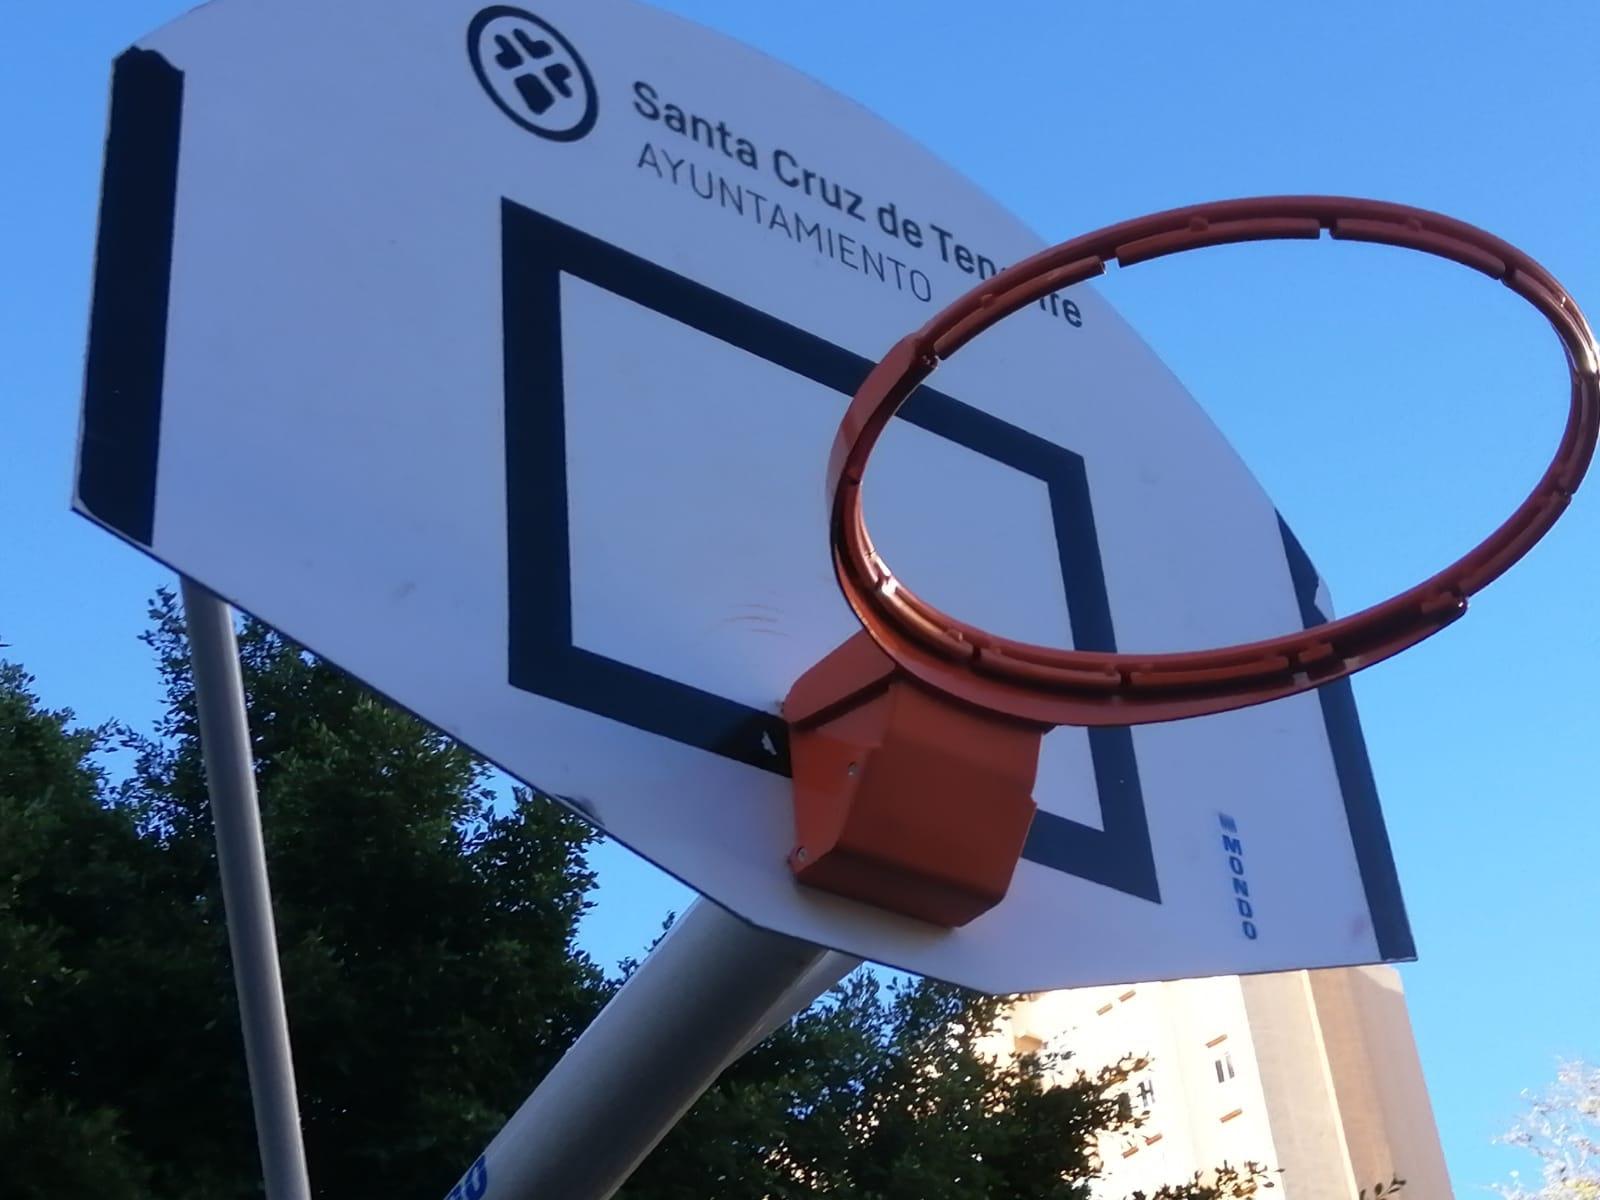 El Ayuntamiento de Santa Cruz de Tenerife instala nuevos aros en el Parque de Don Quijote